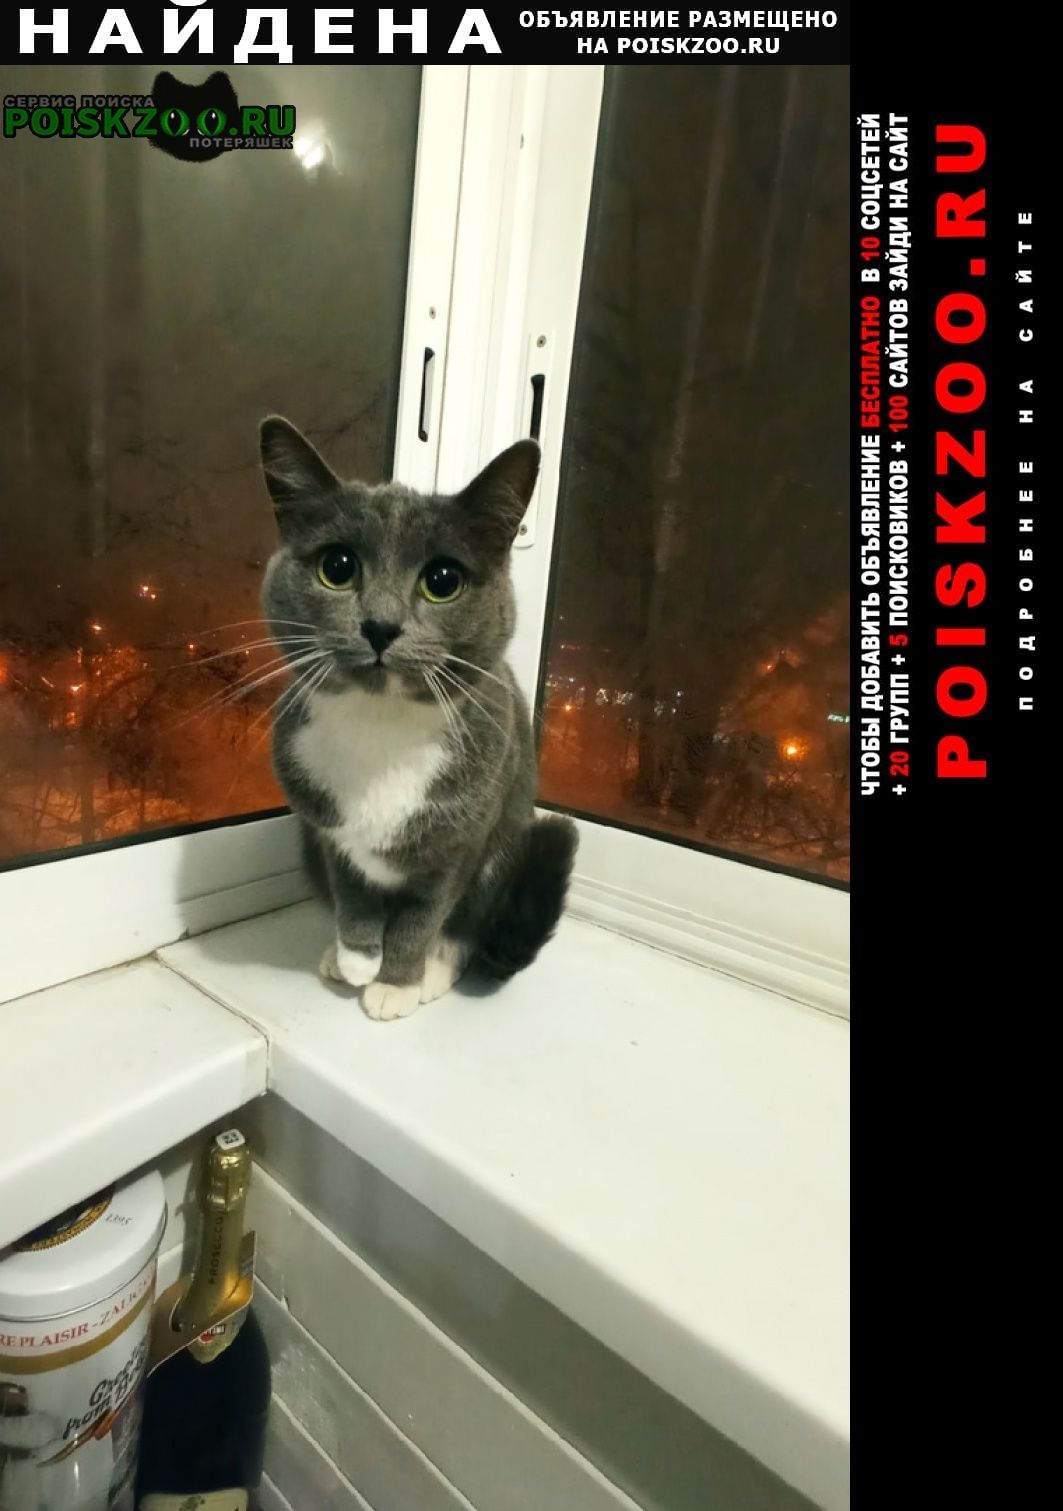 Найдена кошка дымчатая на ул. свободы Москва